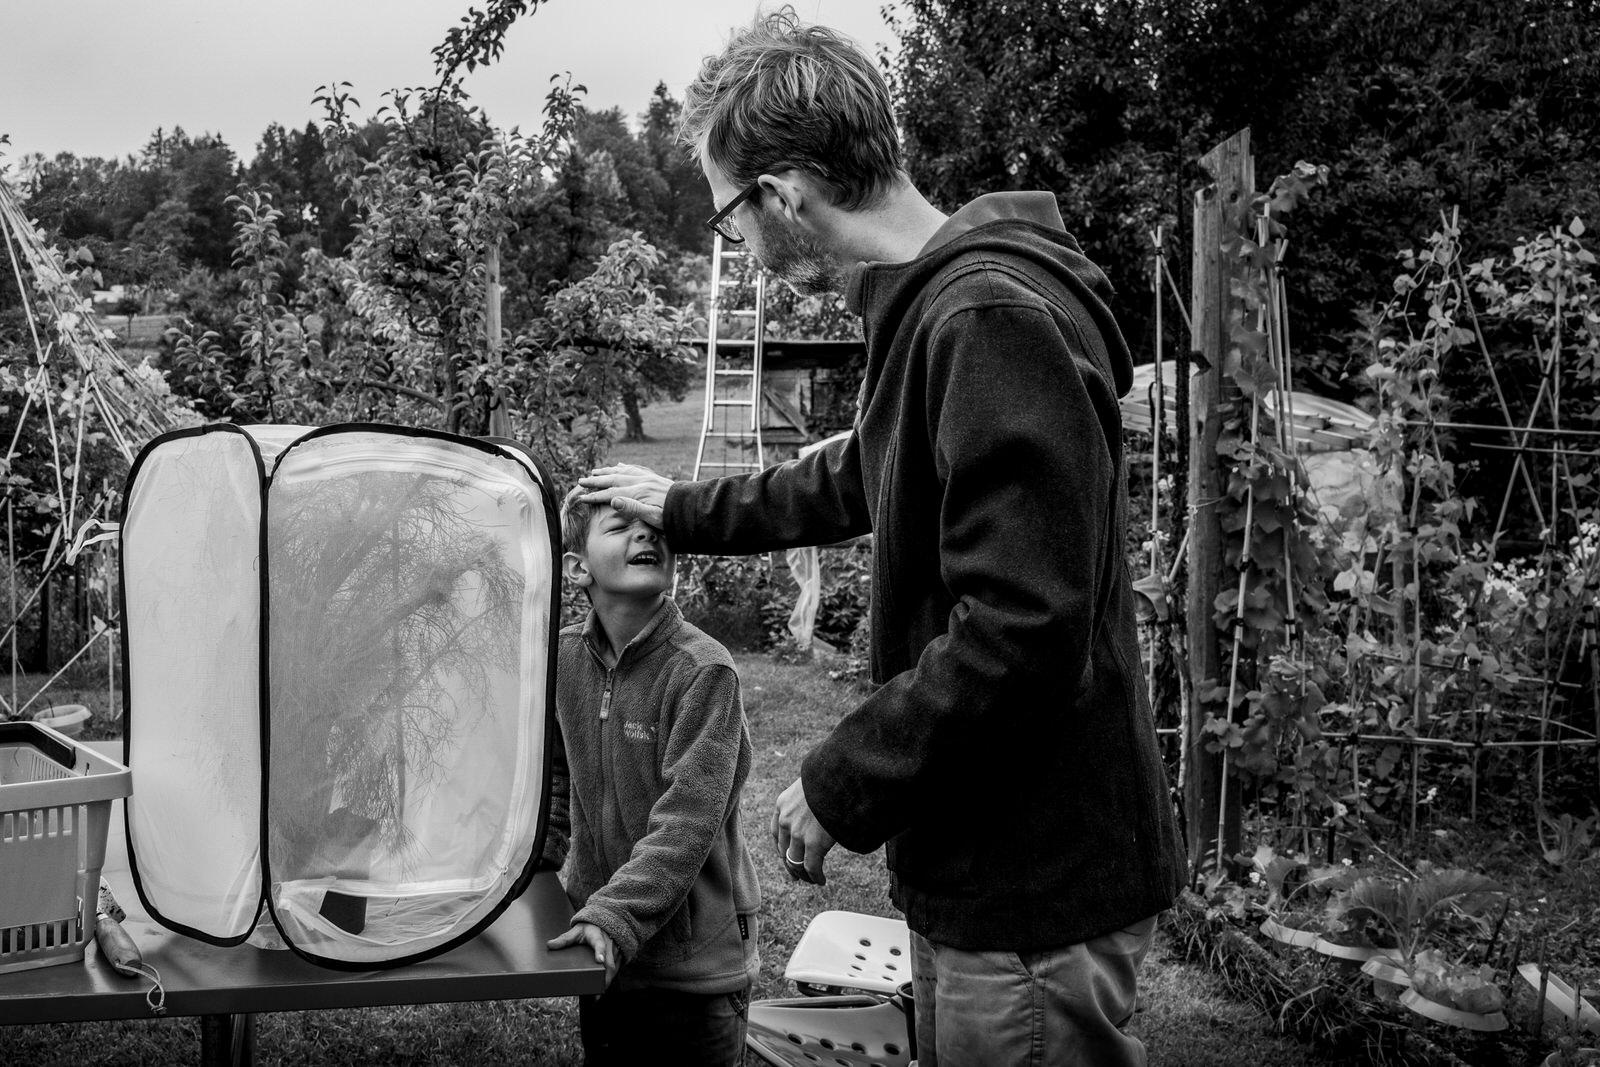 Sohn und Papa im Garten - Familienfotografin unterwegs | Familienfotos draussen und drinnen